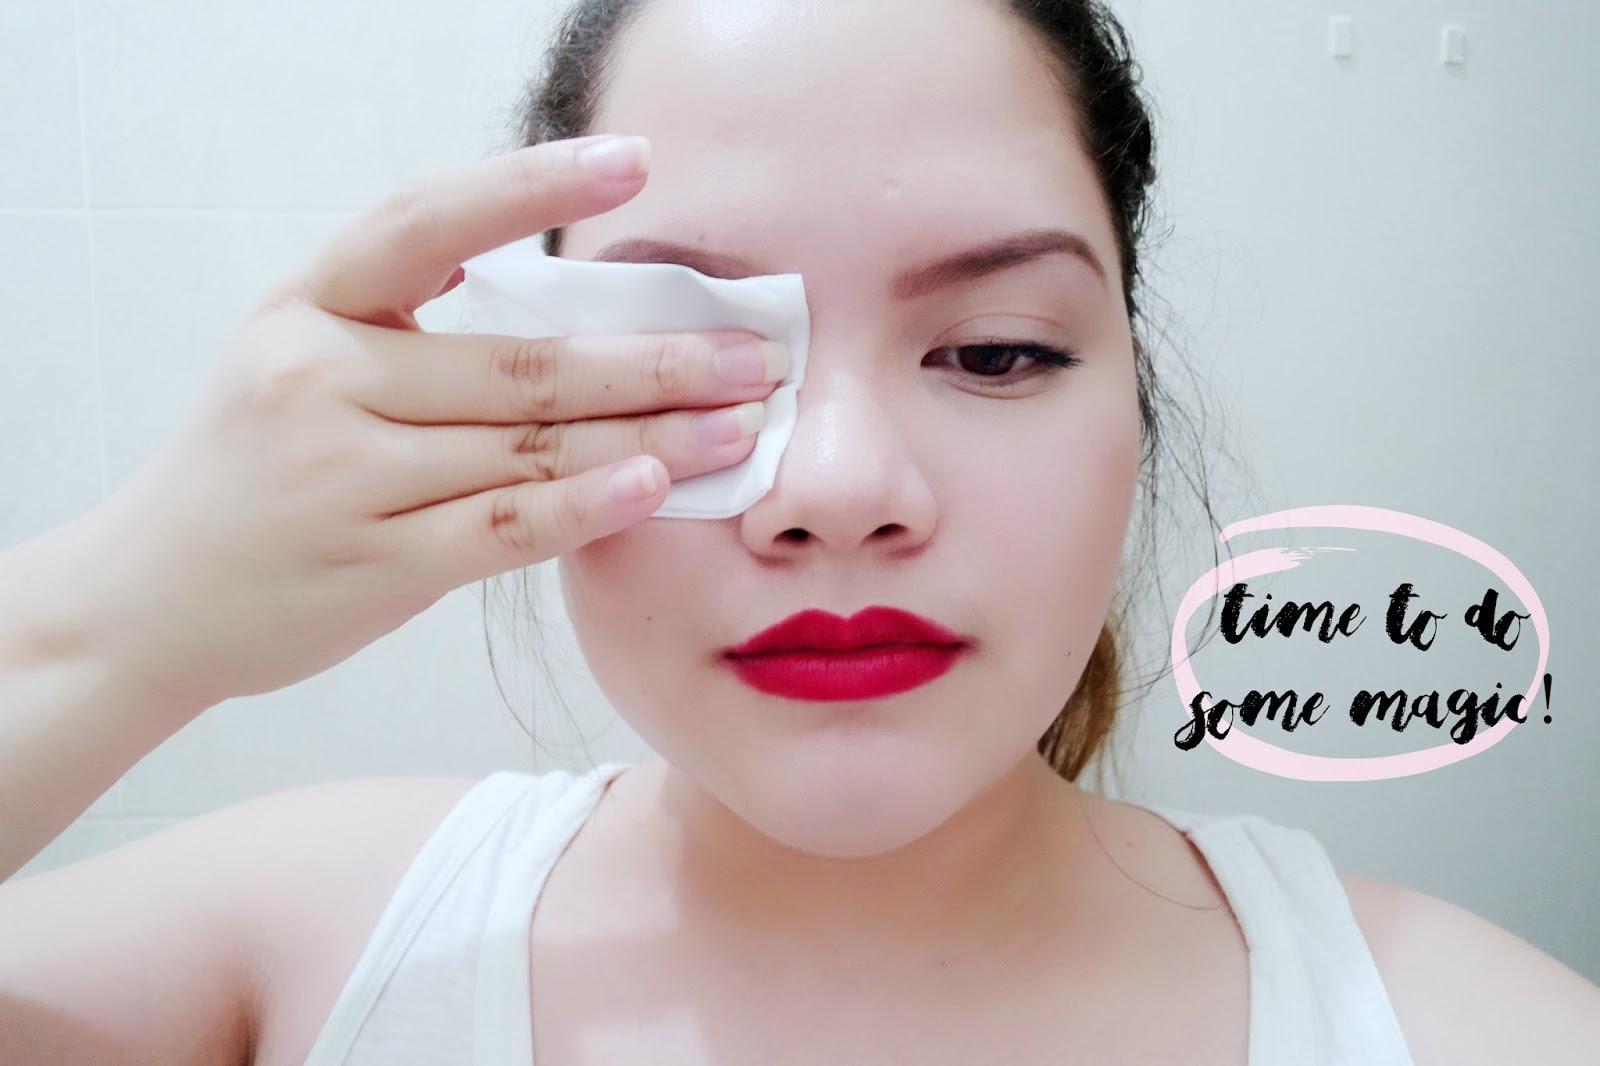 Bioré makeup removing wipes